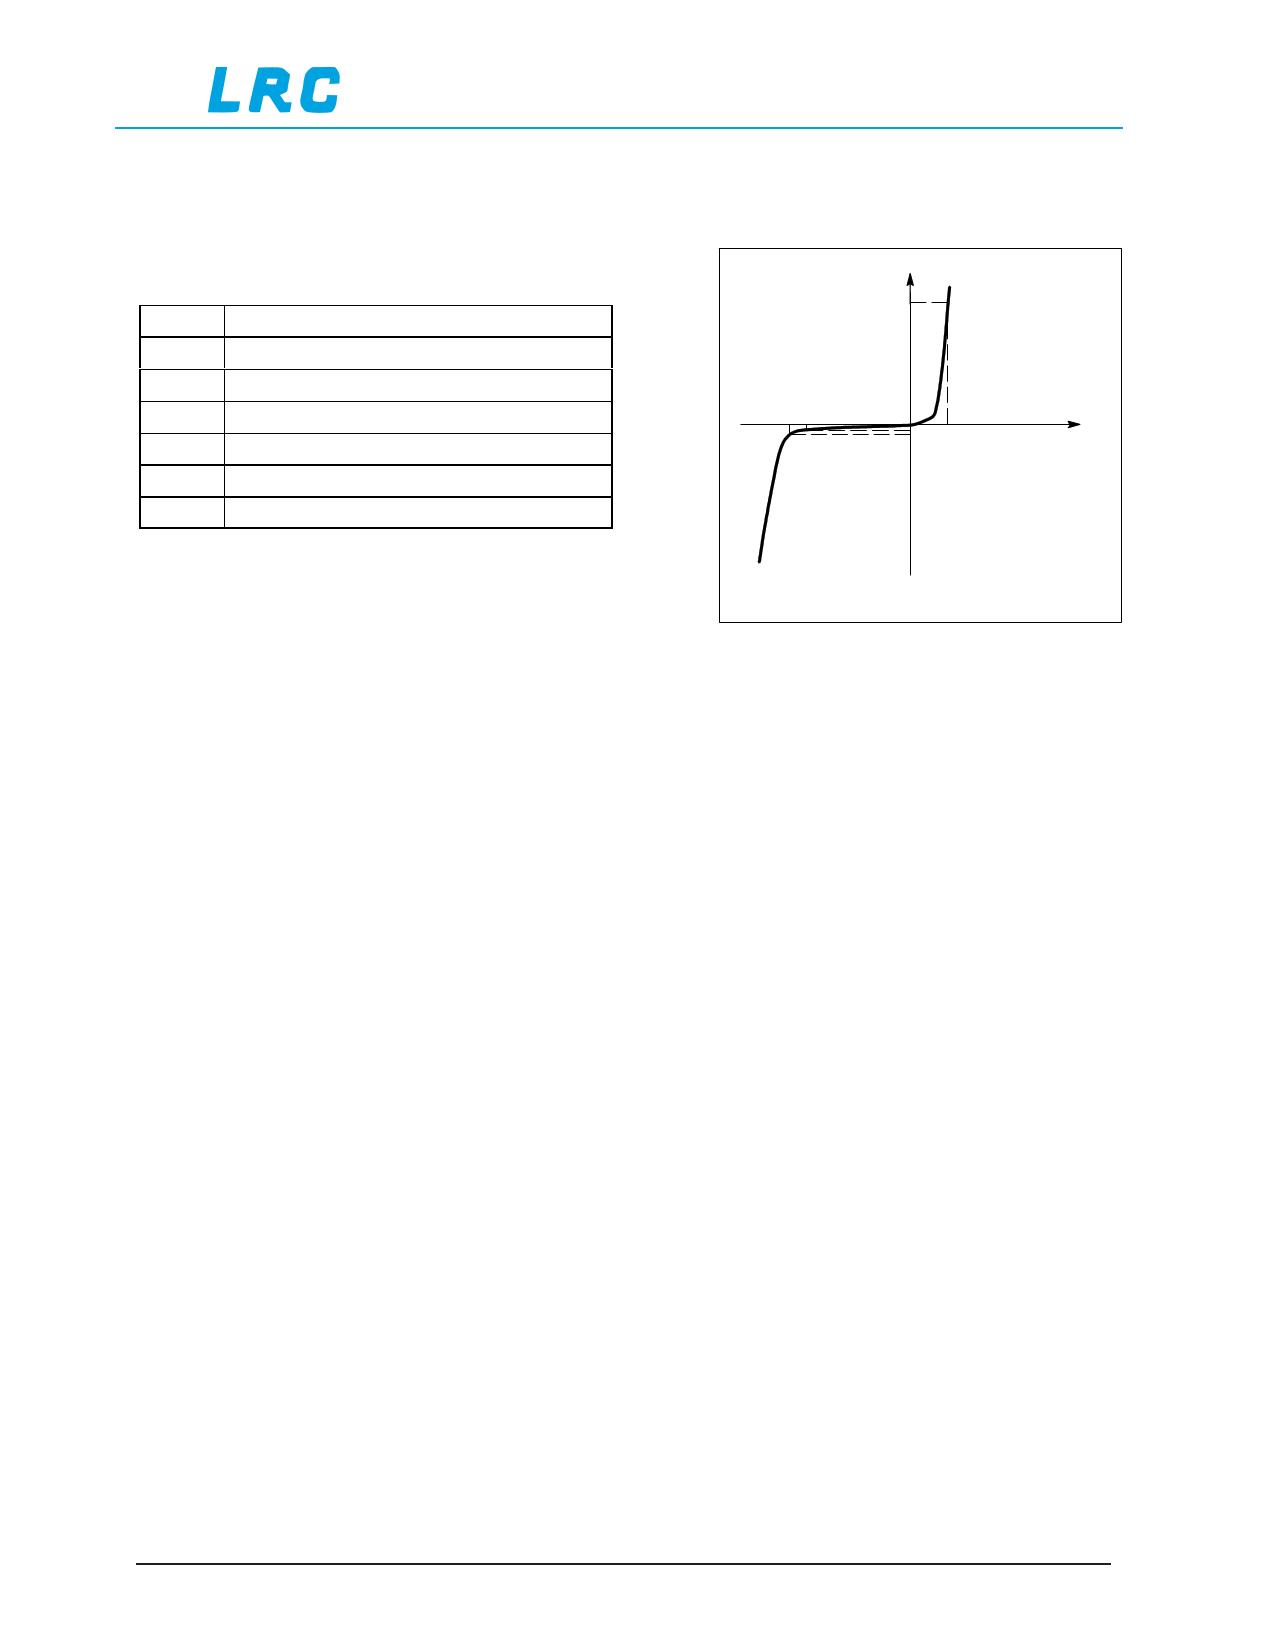 LMSZ4707T1G pdf, schematic